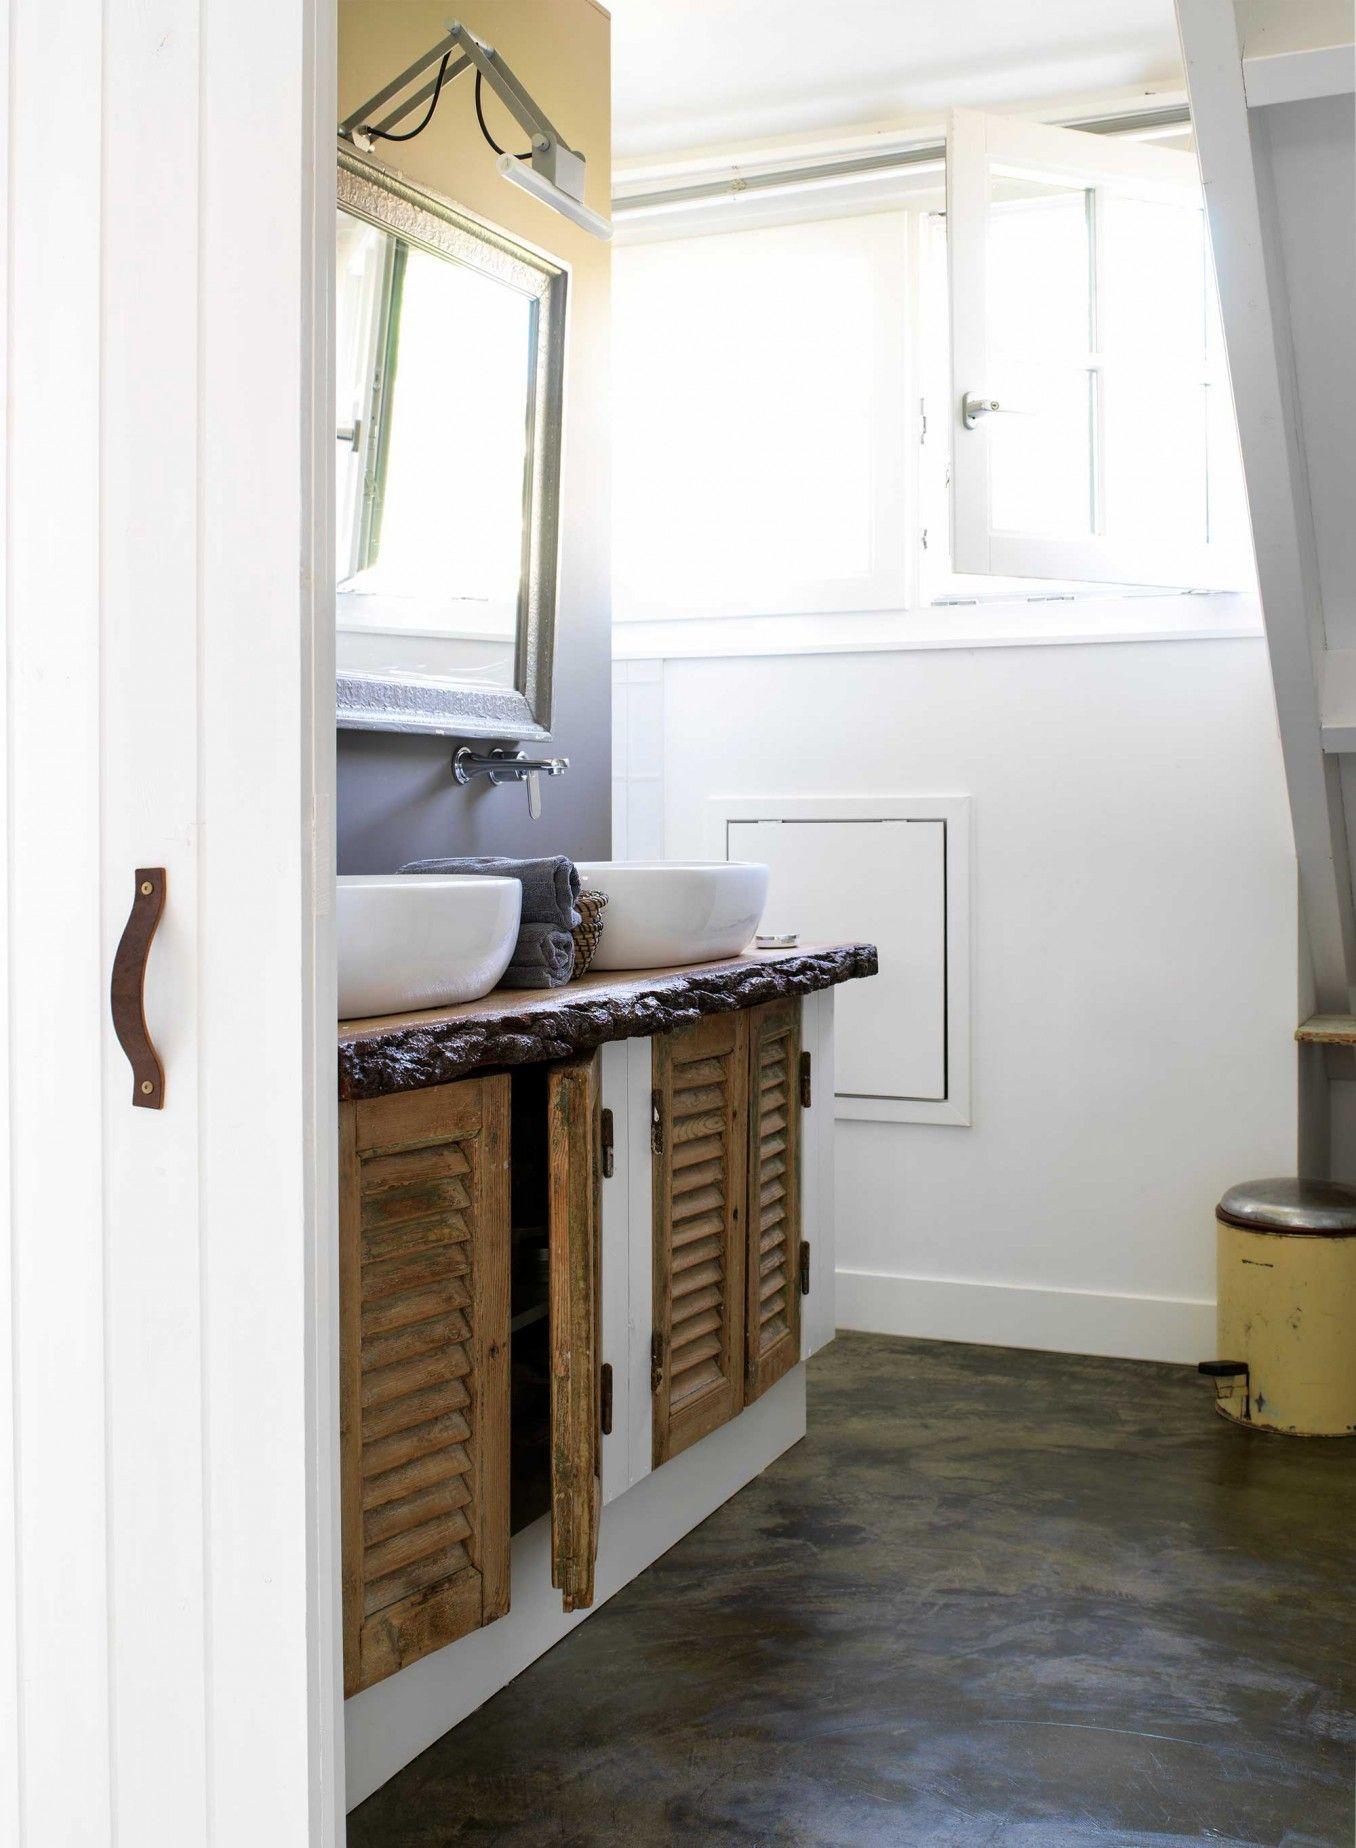 13-badkamer-wit-hout - Ideeën voor het huis/ home   Pinterest ...